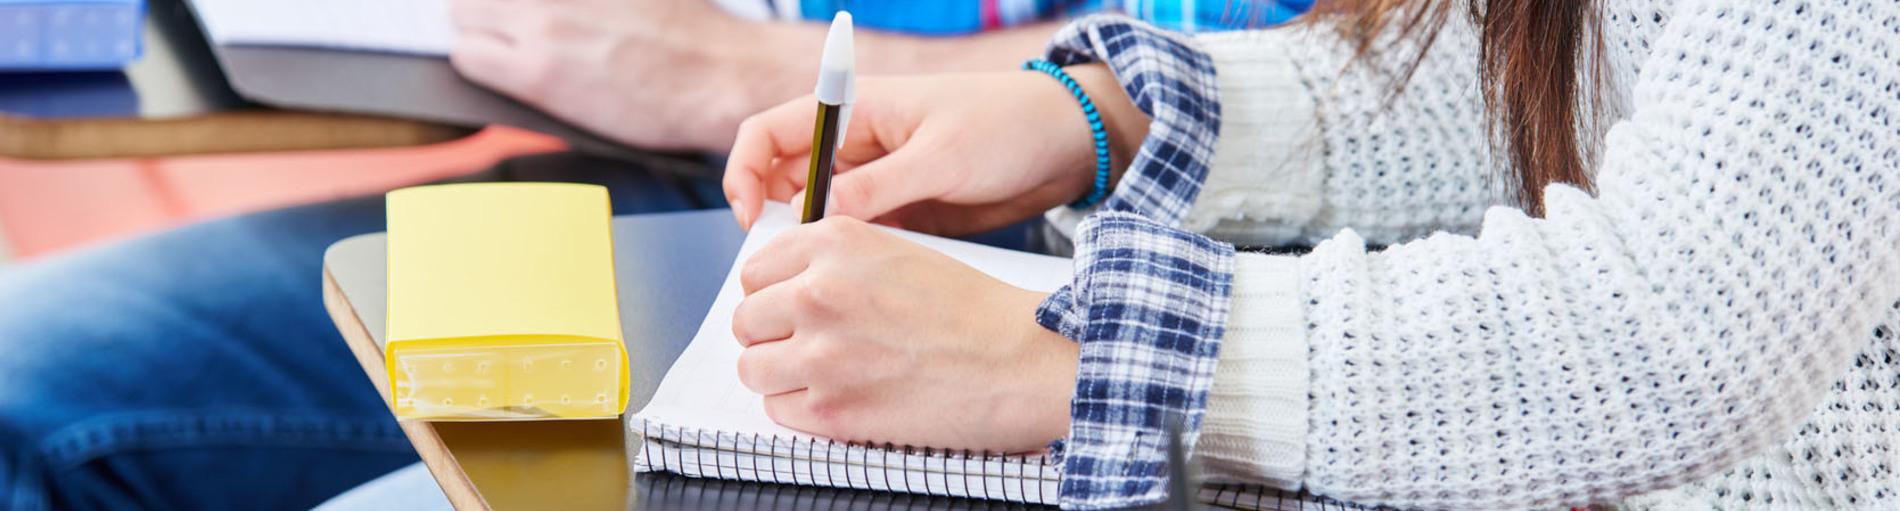 Eine junge Frau schreibt etwas auf einen Block